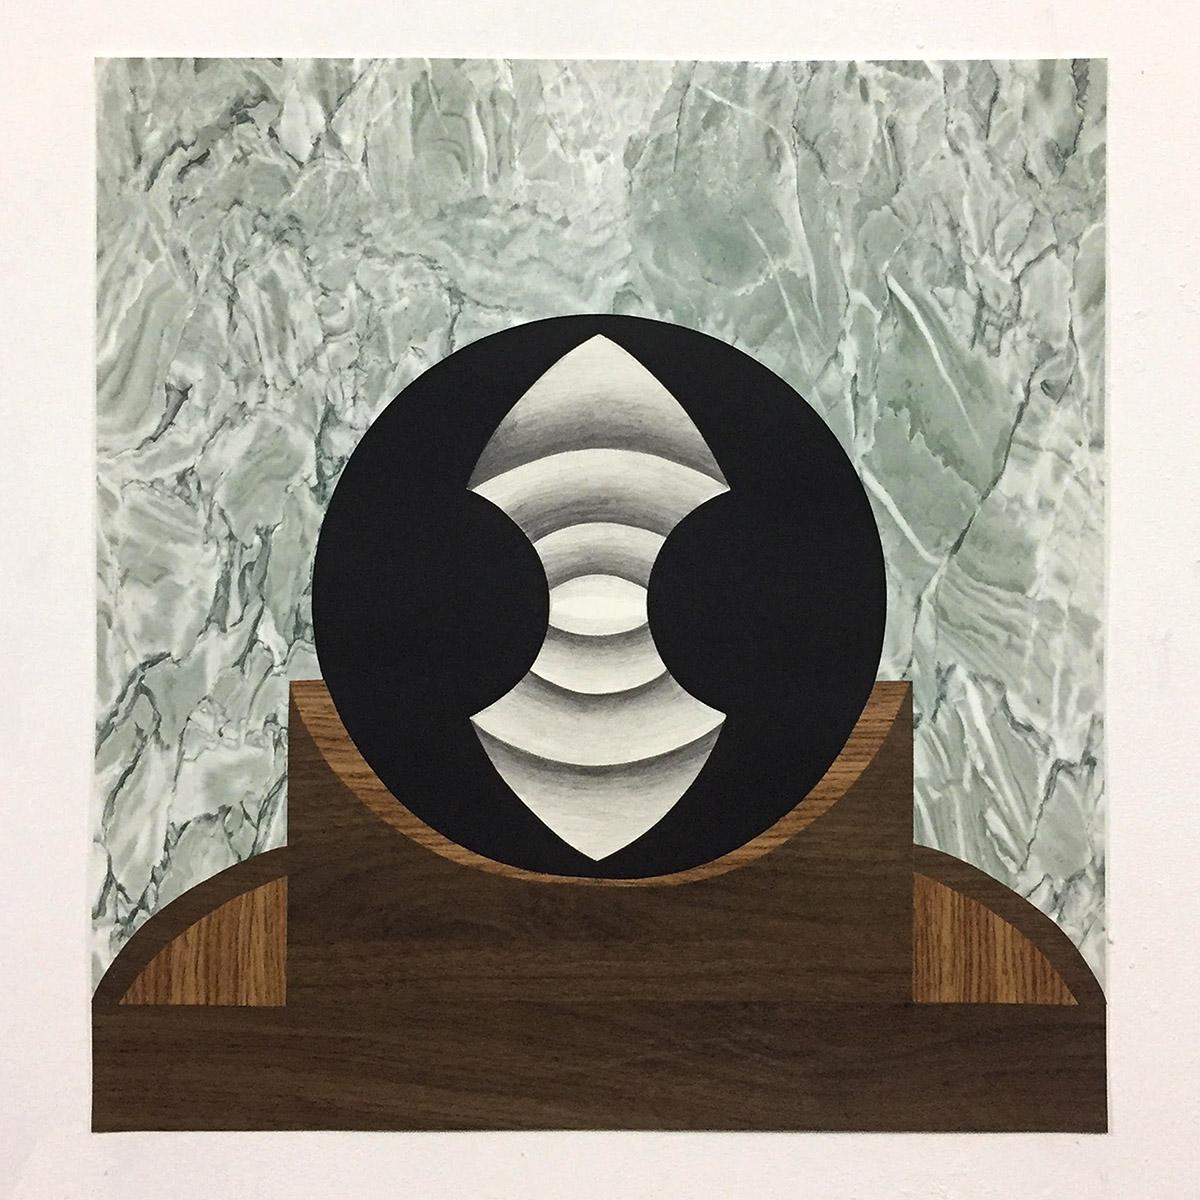 2017 Untitled 10 | Liat Klein